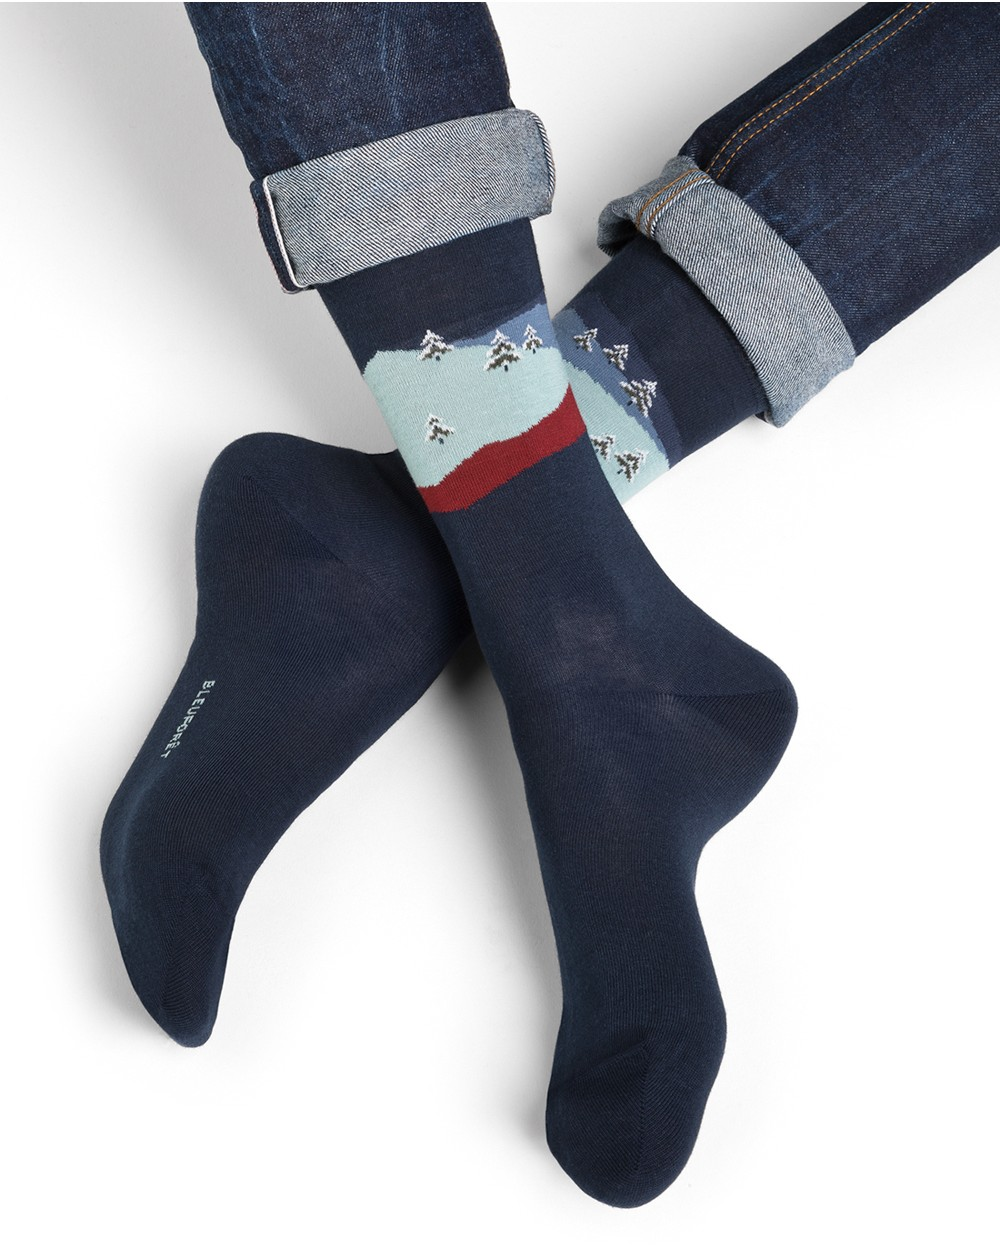 Chaussettes coton motif montagne